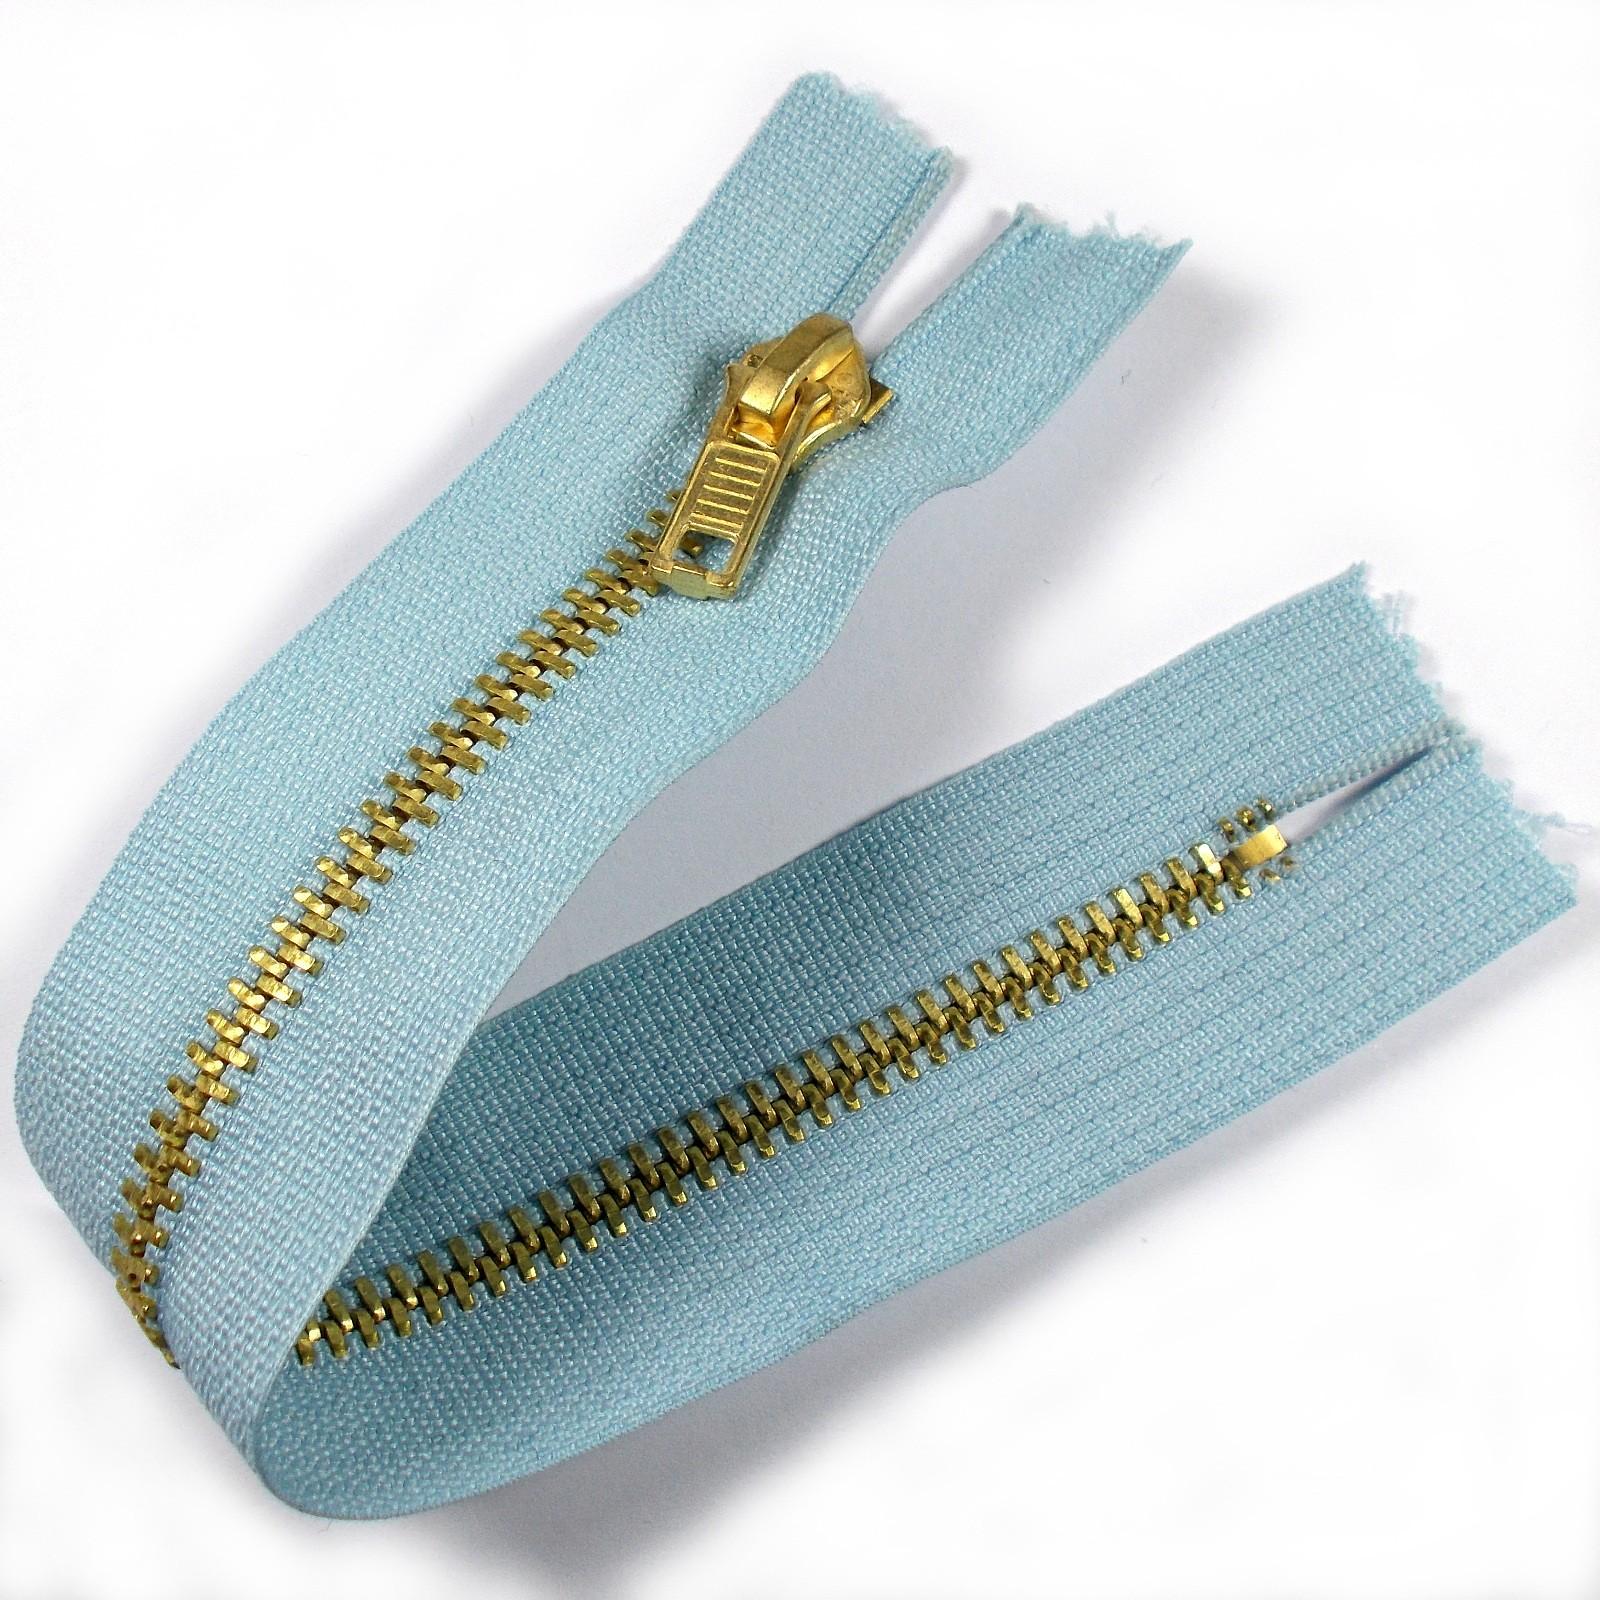 Gold Metal Trouser Jeans Zip Zipper 6 inch Light Blue